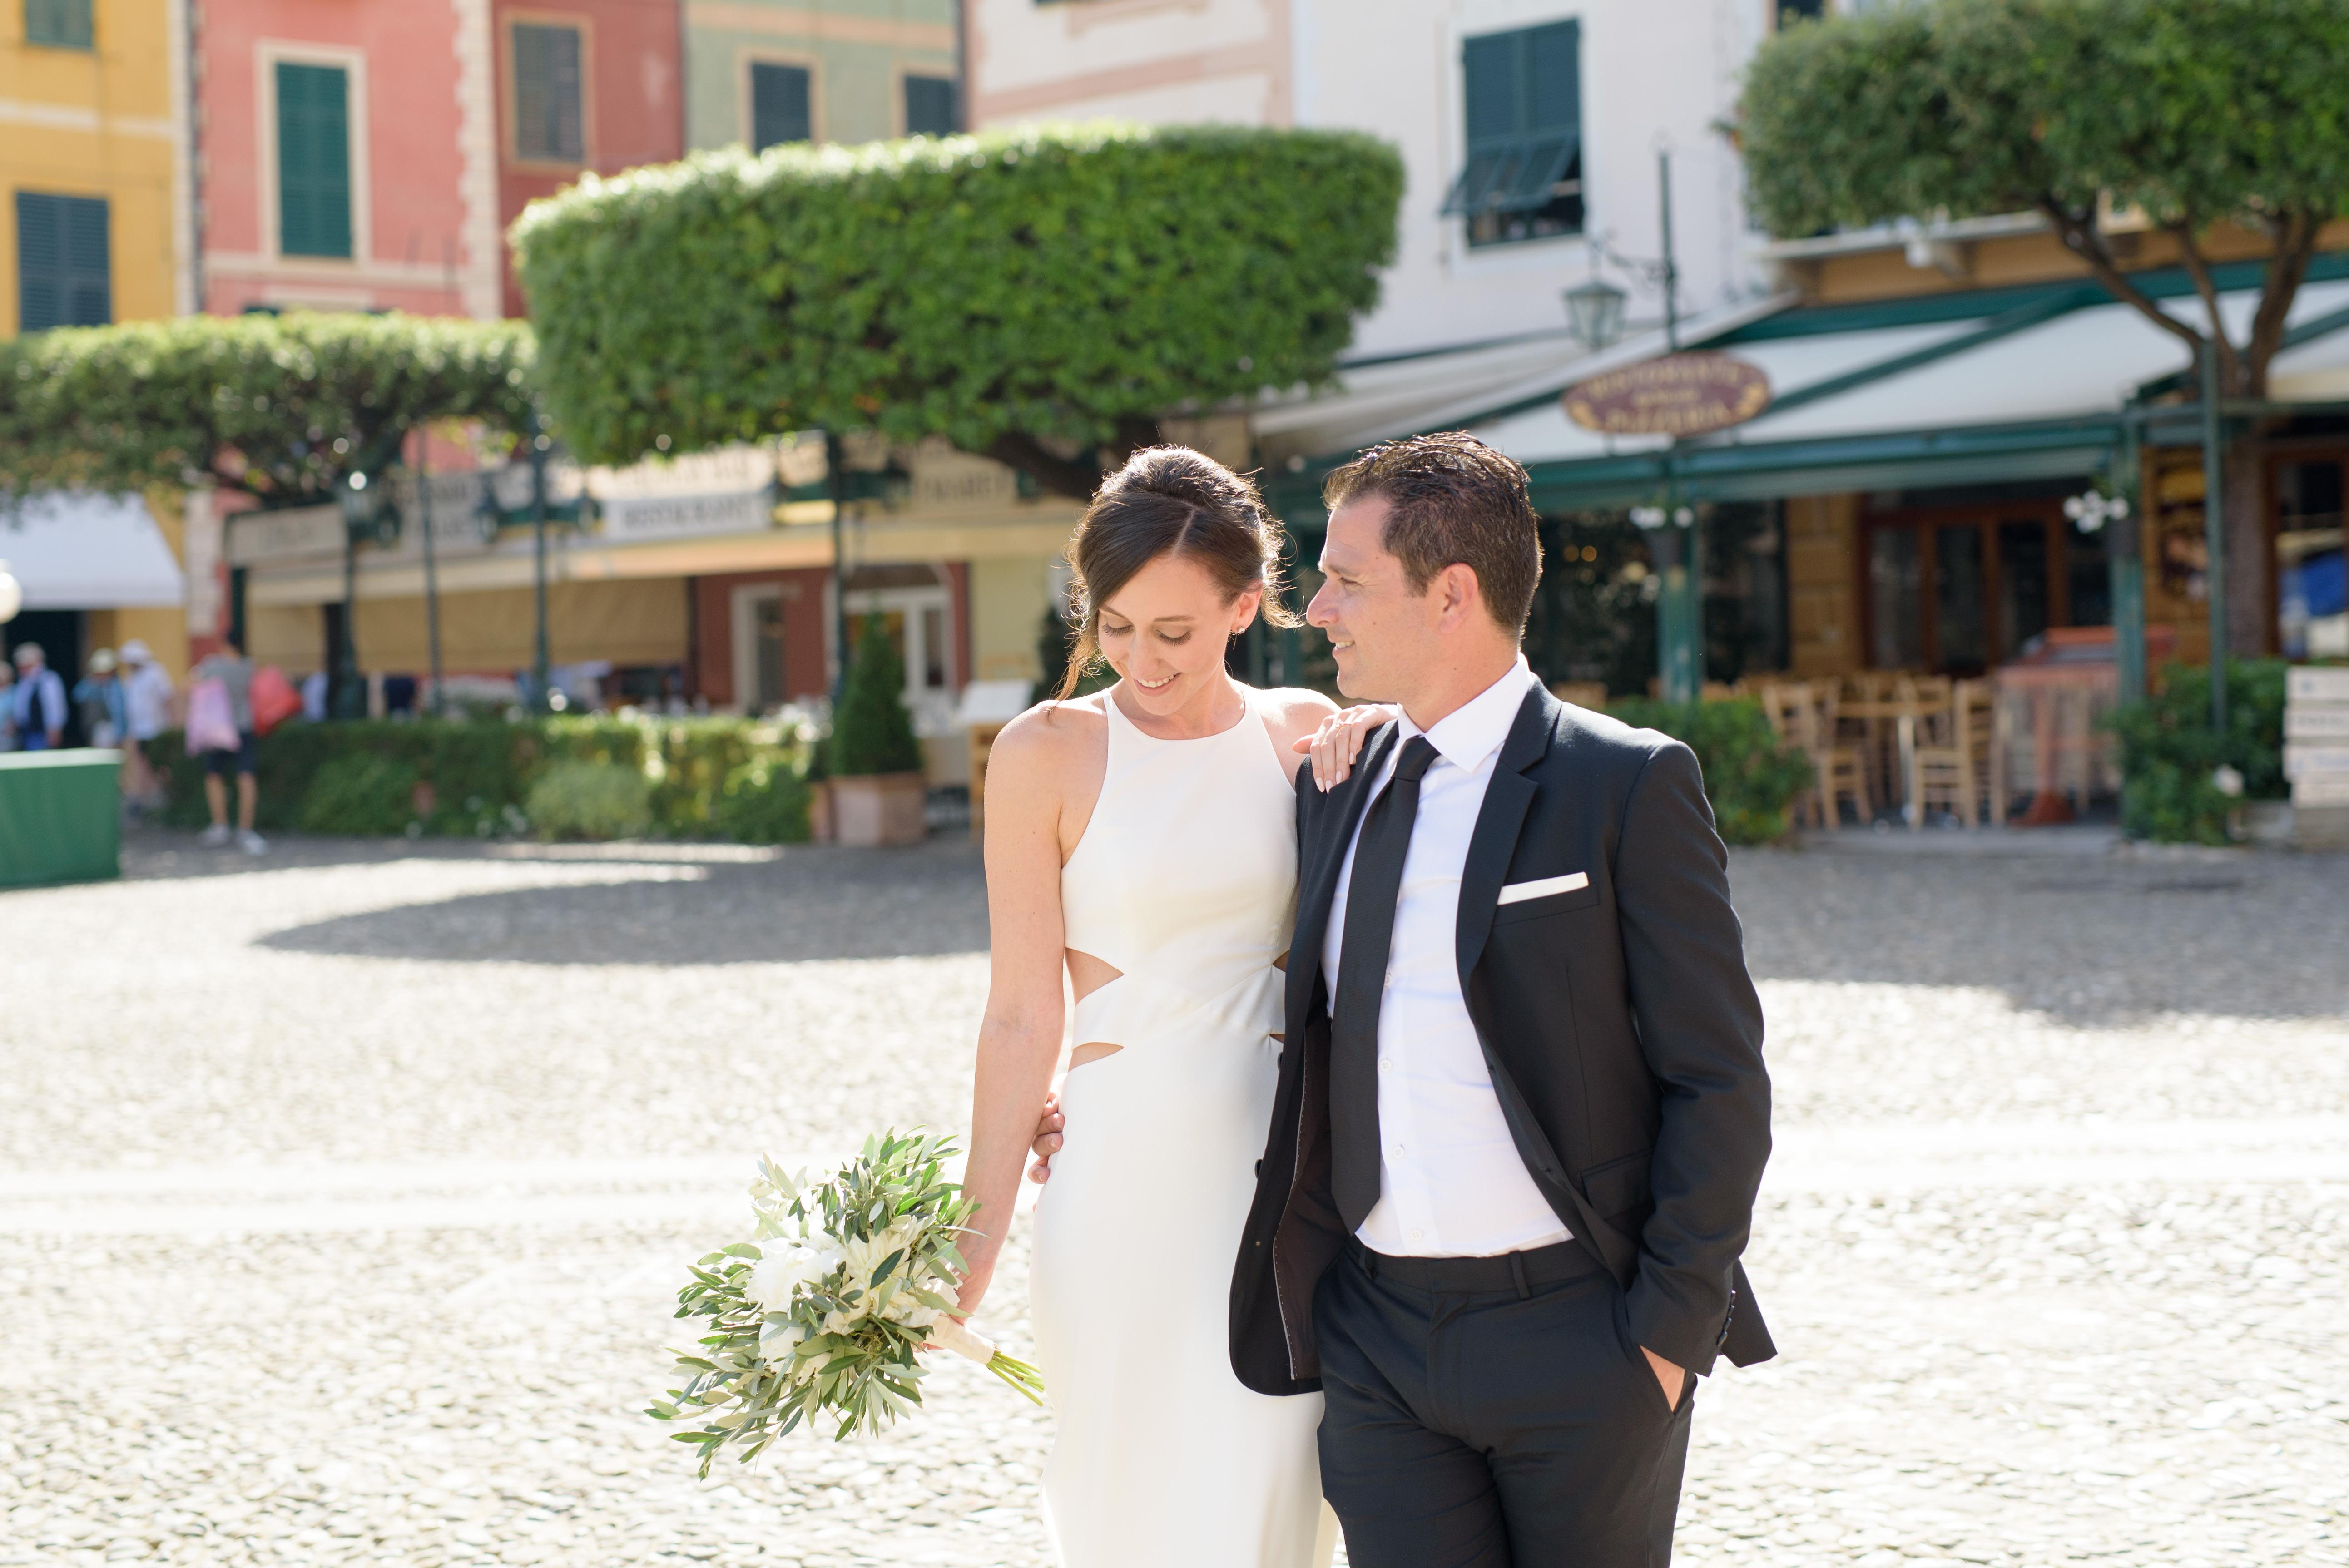 Stylish elopement wedding - Portofino